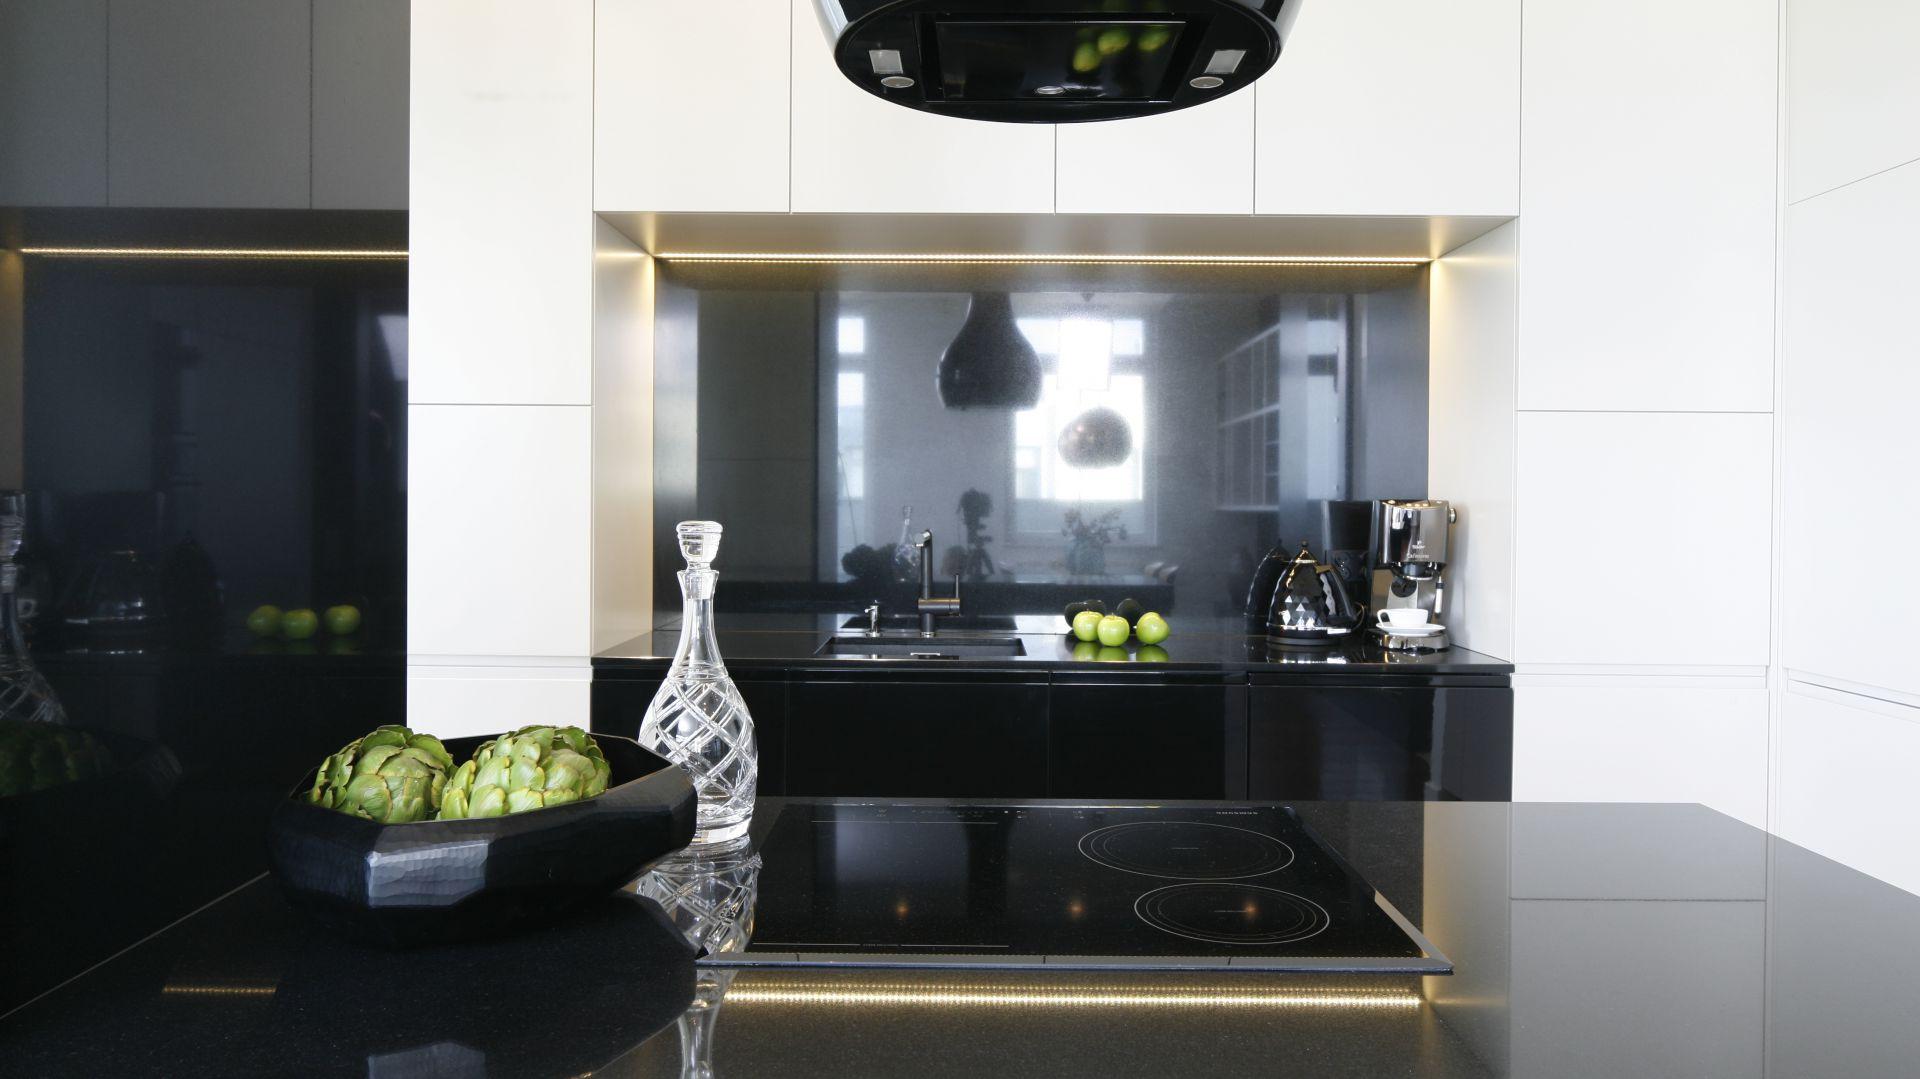 Mleczne fronty szafek kuchennych stanowią doskonały i wyrazisty kontrast dla czarnych granitowych blatów oraz jasnych, gresowych płytek podłogowych. Do całości pięknie pasuje czarny, wyspowy okap. Projekt: Agnieszka Hajdas-Obajtek. Fot. Bartosz Jarosz